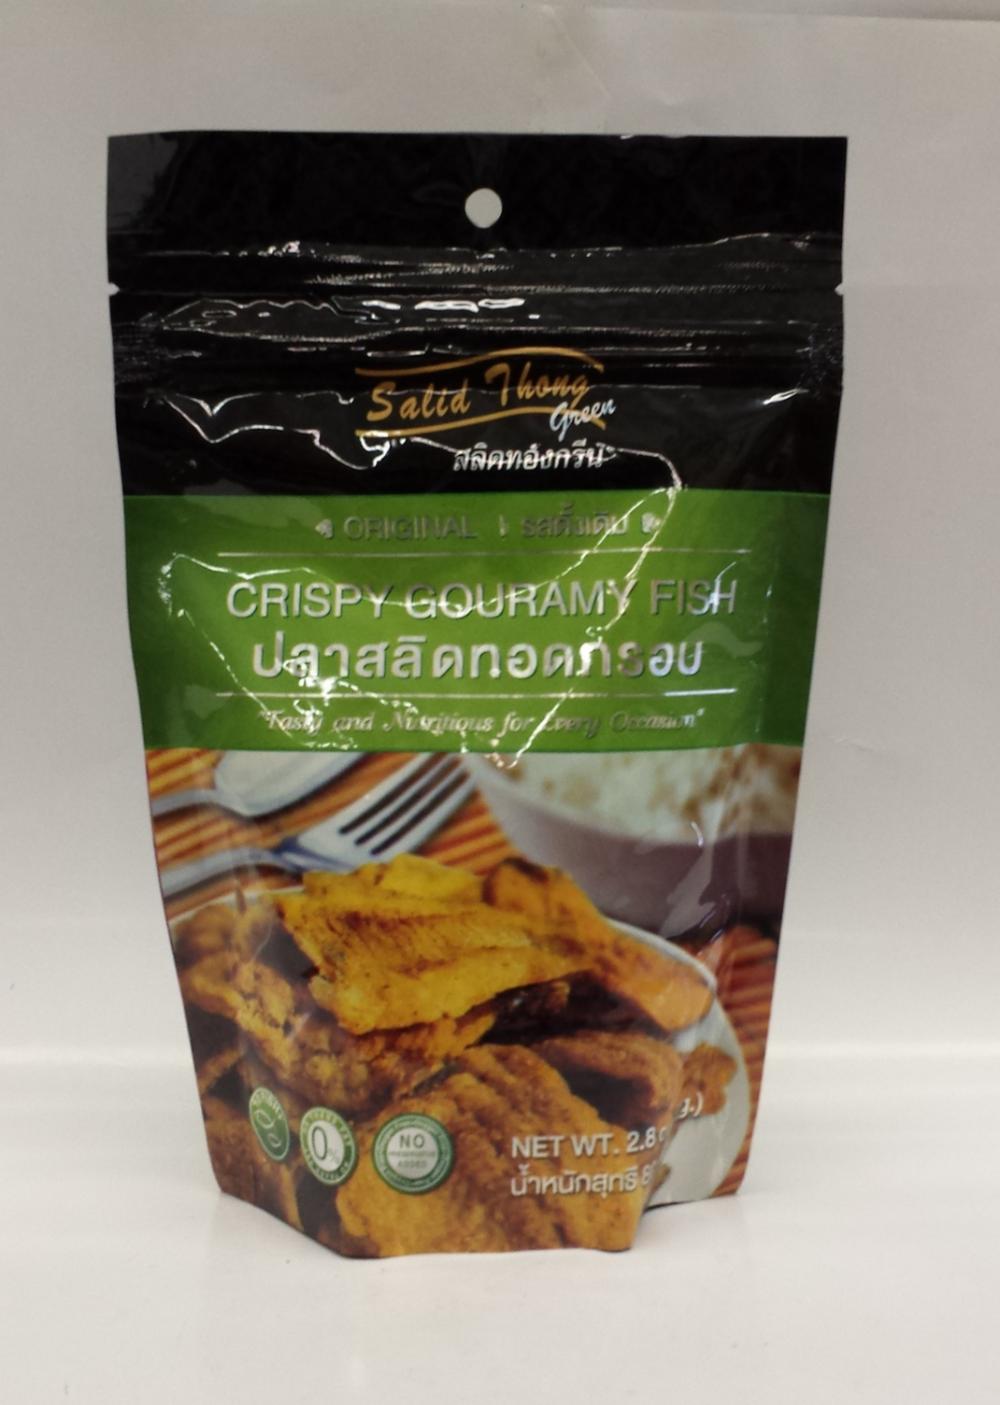 Crispy Salid Thong   Thai   FZF7109 20x2.8 oz (Original)  FZF7107 20x2.8 oz (Tom Yum)